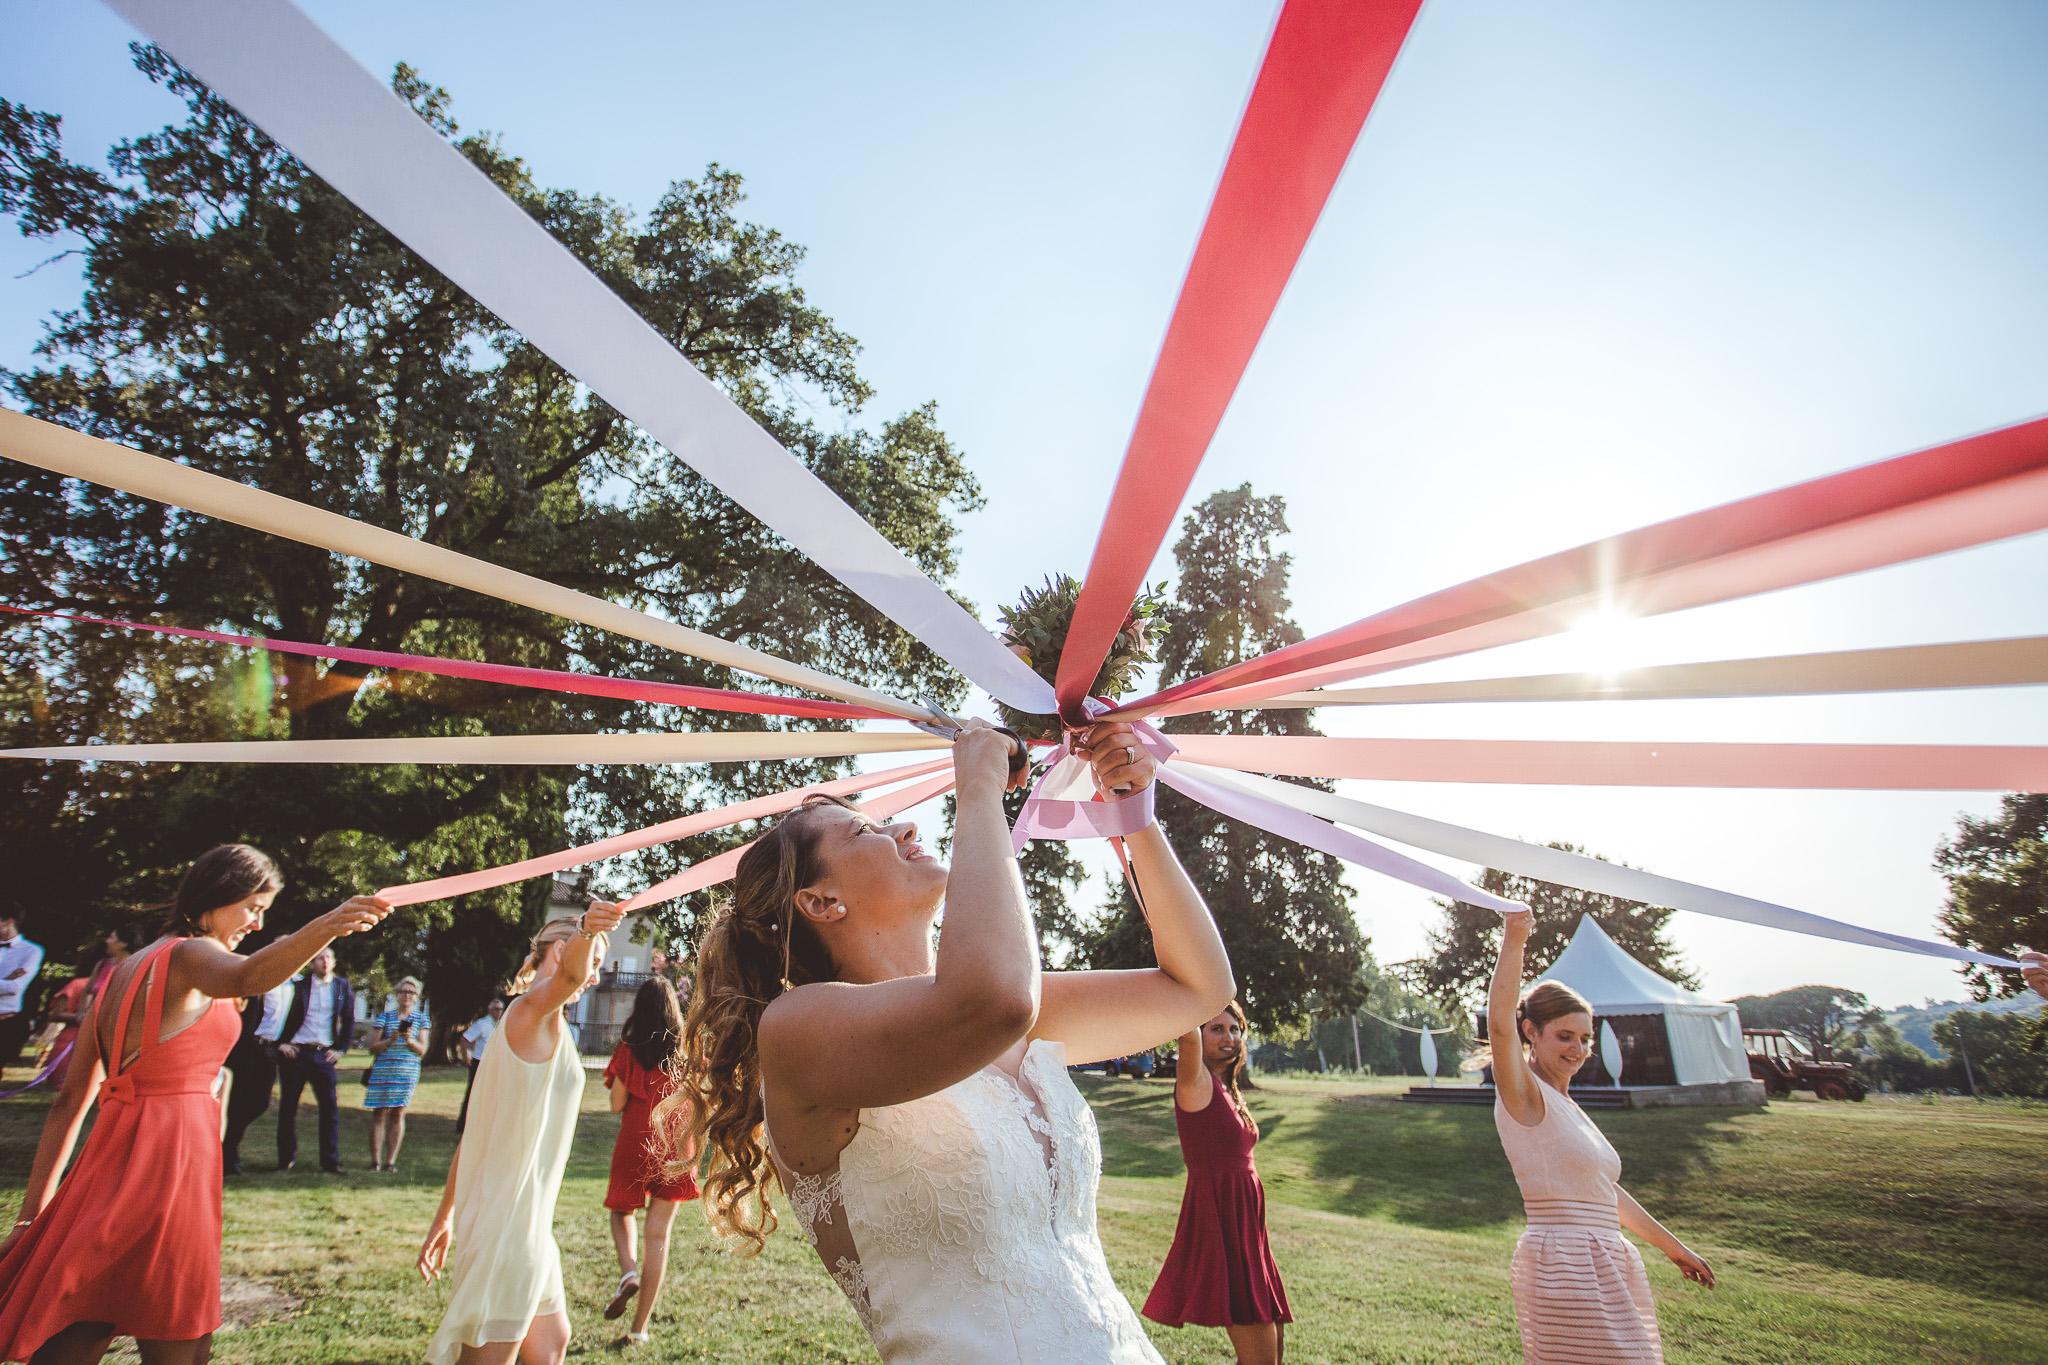 reportage marique photo jeu ruban bouquet fleur la mariee domaine de ronsac golden hour toulouse